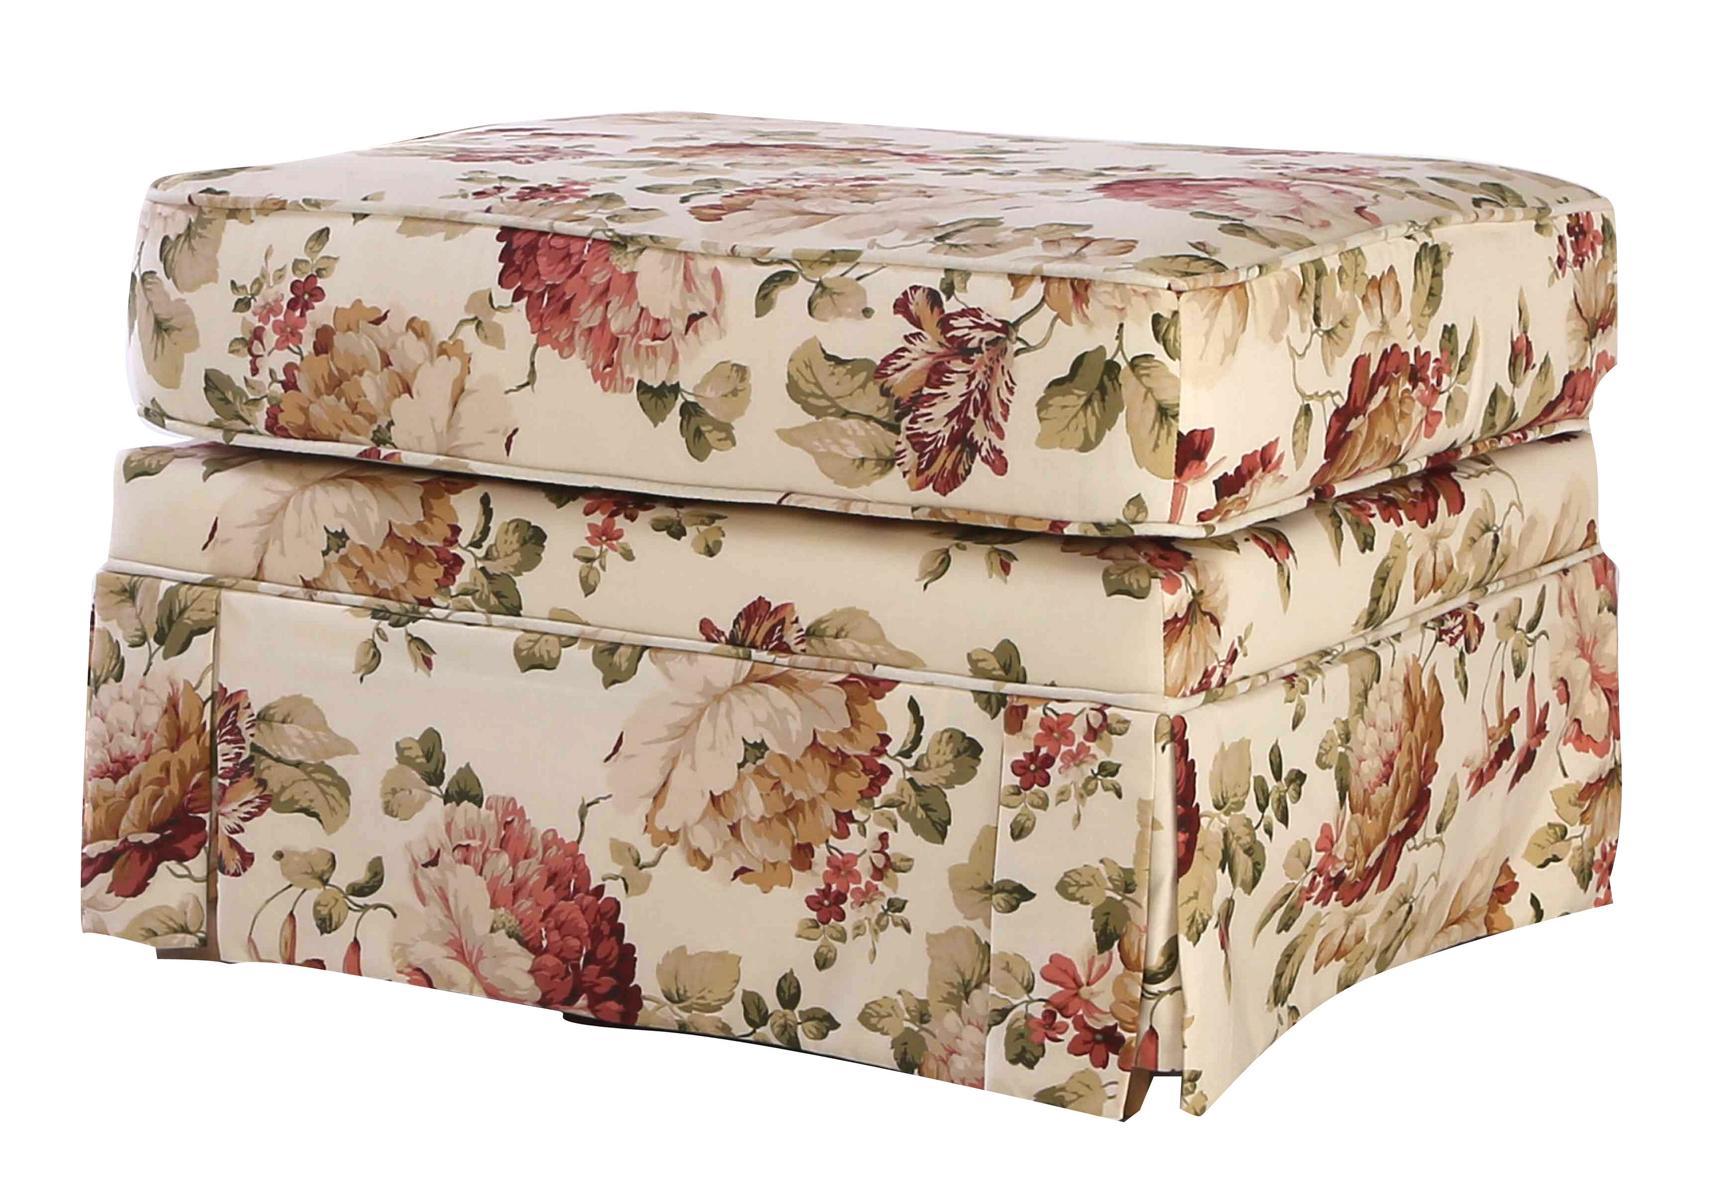 polsterm bel u st hle sch ffer american home. Black Bedroom Furniture Sets. Home Design Ideas